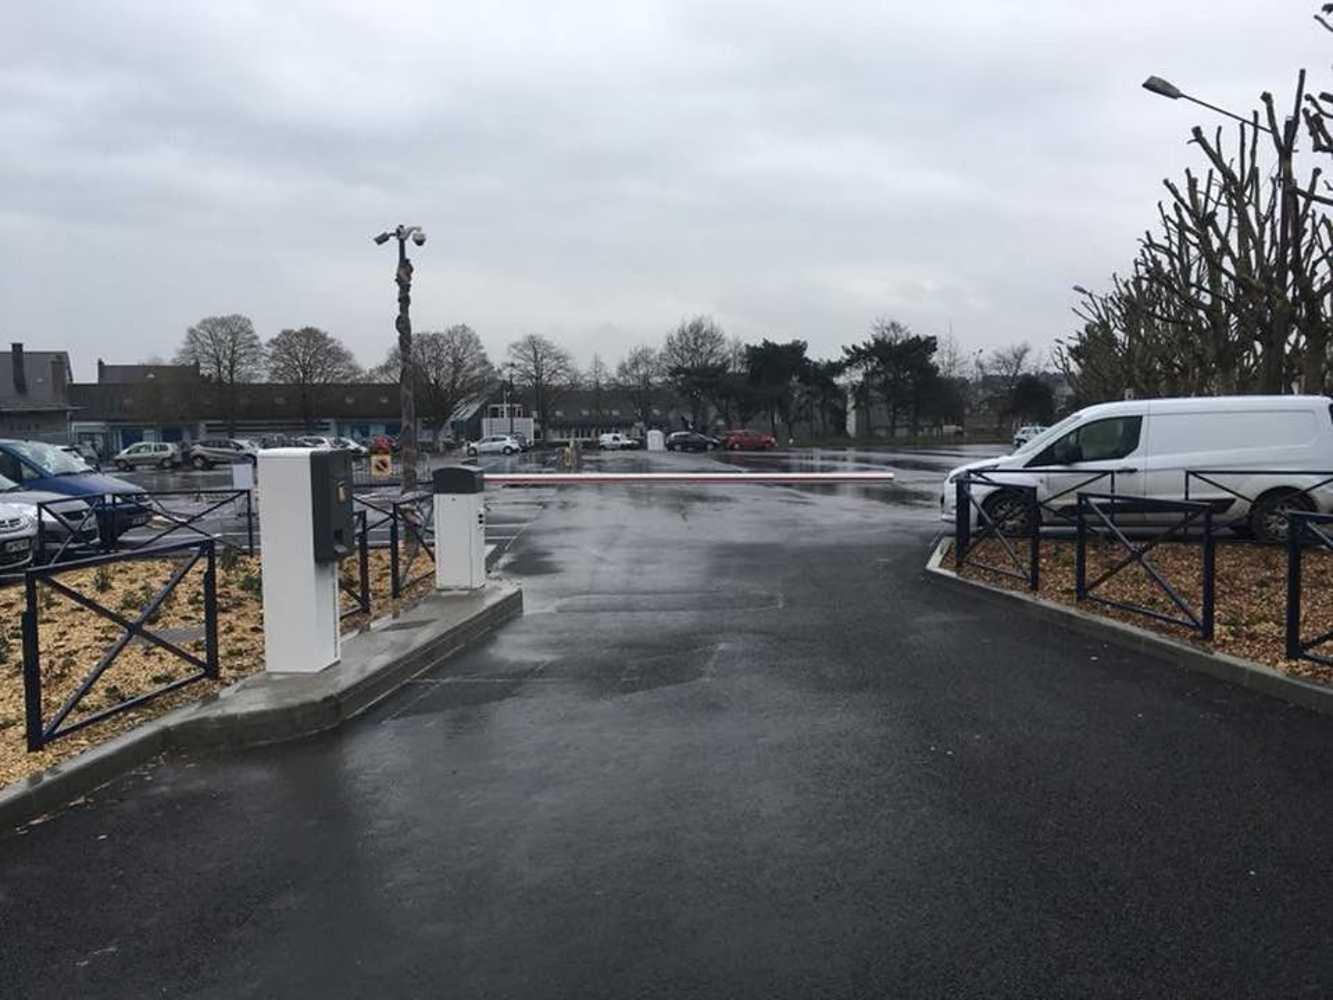 Le parking Octave Brillaud sera gratuit le samedi 8 décembre pour le marché de Noel. 0